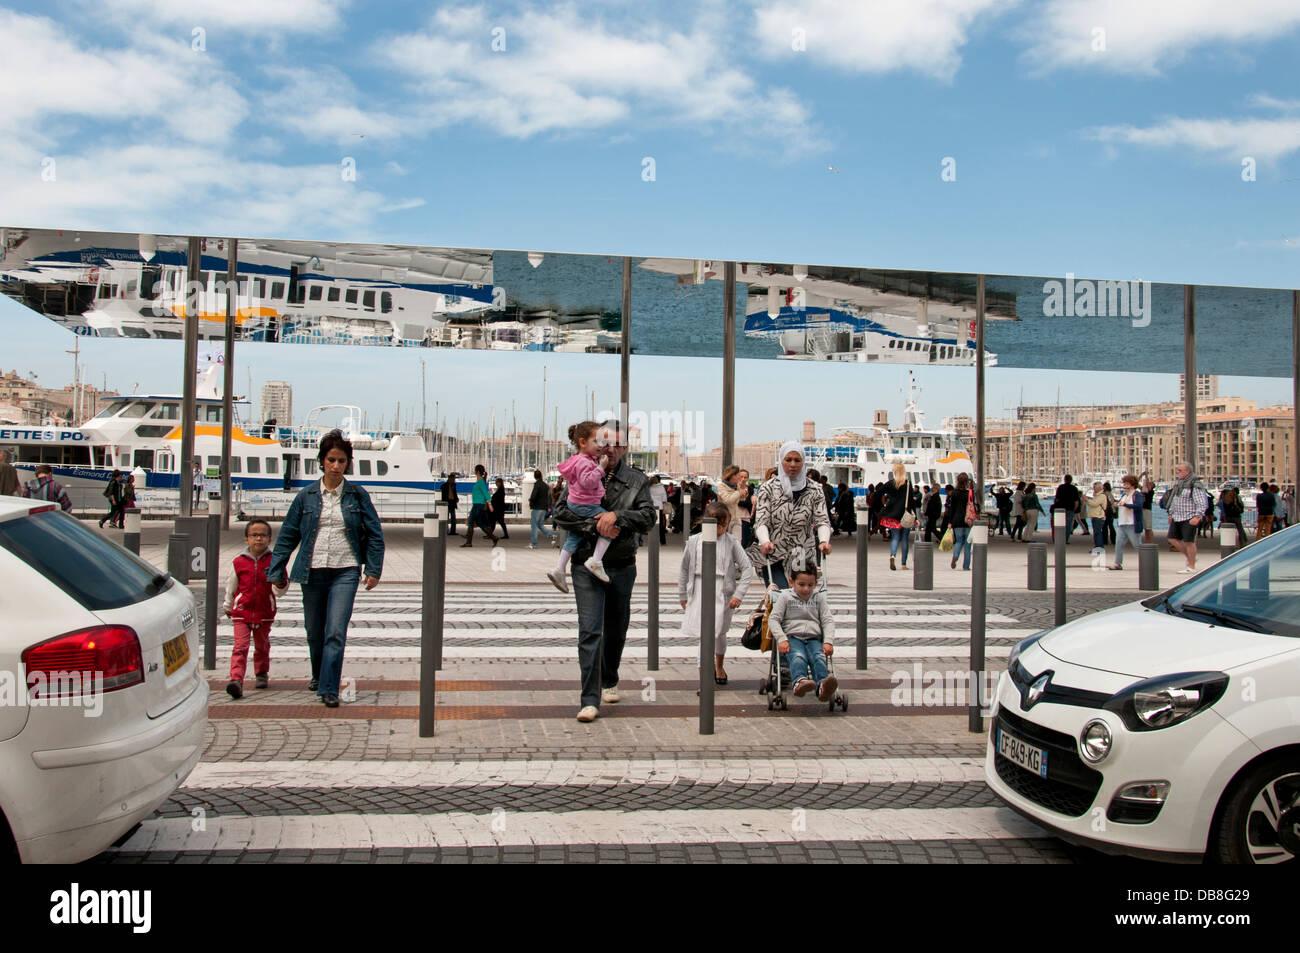 Reflexionen in Norman Foster Baldachin am Quai des Belges Altstadt Vieux Port Marseille Frankreich Stockbild